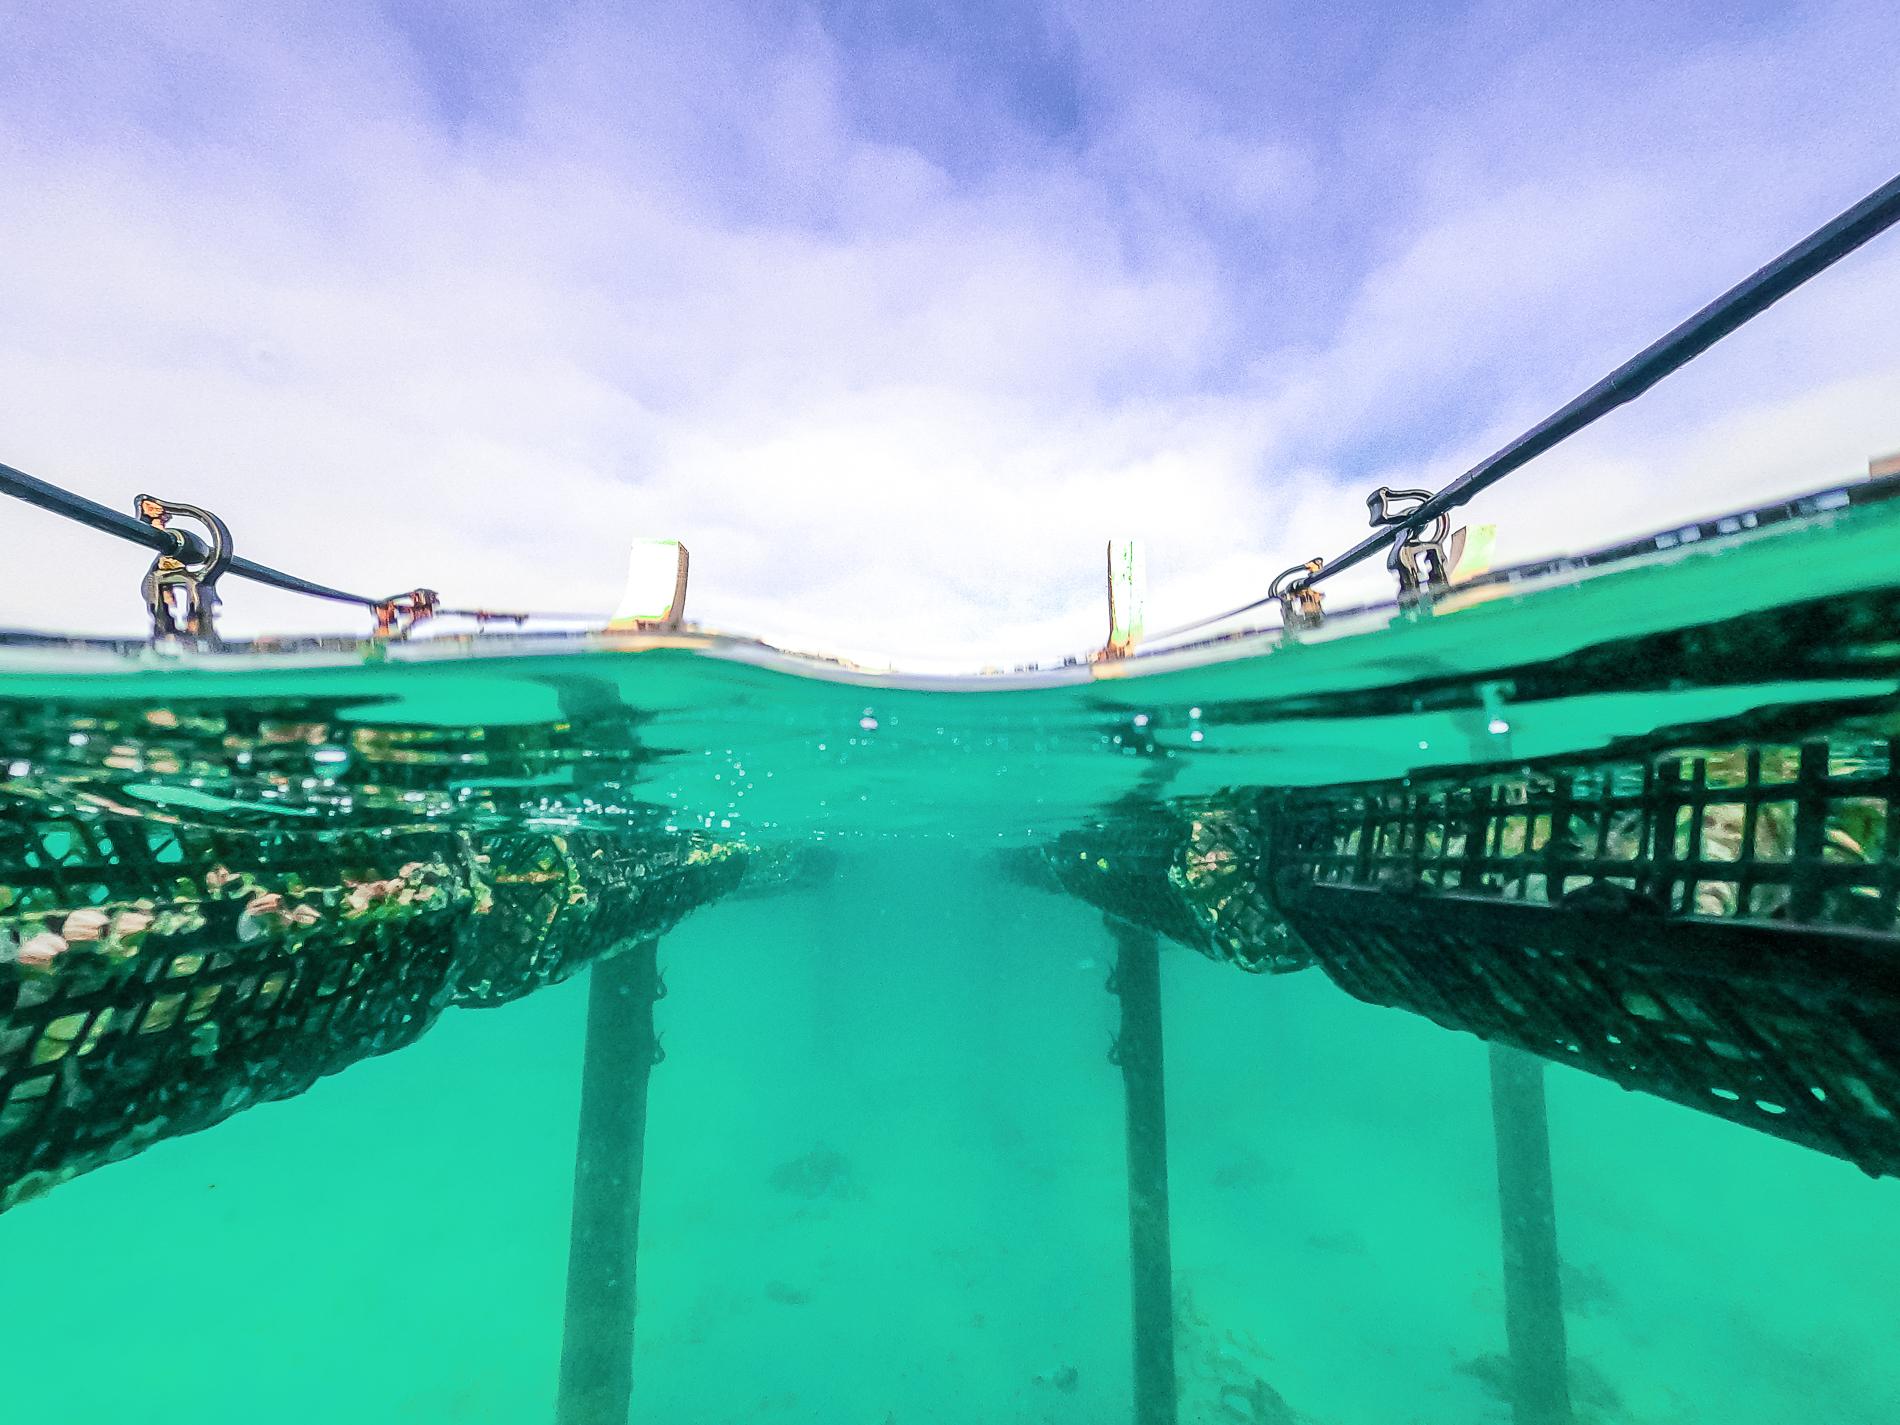 GazandeGazander Oystersr Oysters - For Web-103